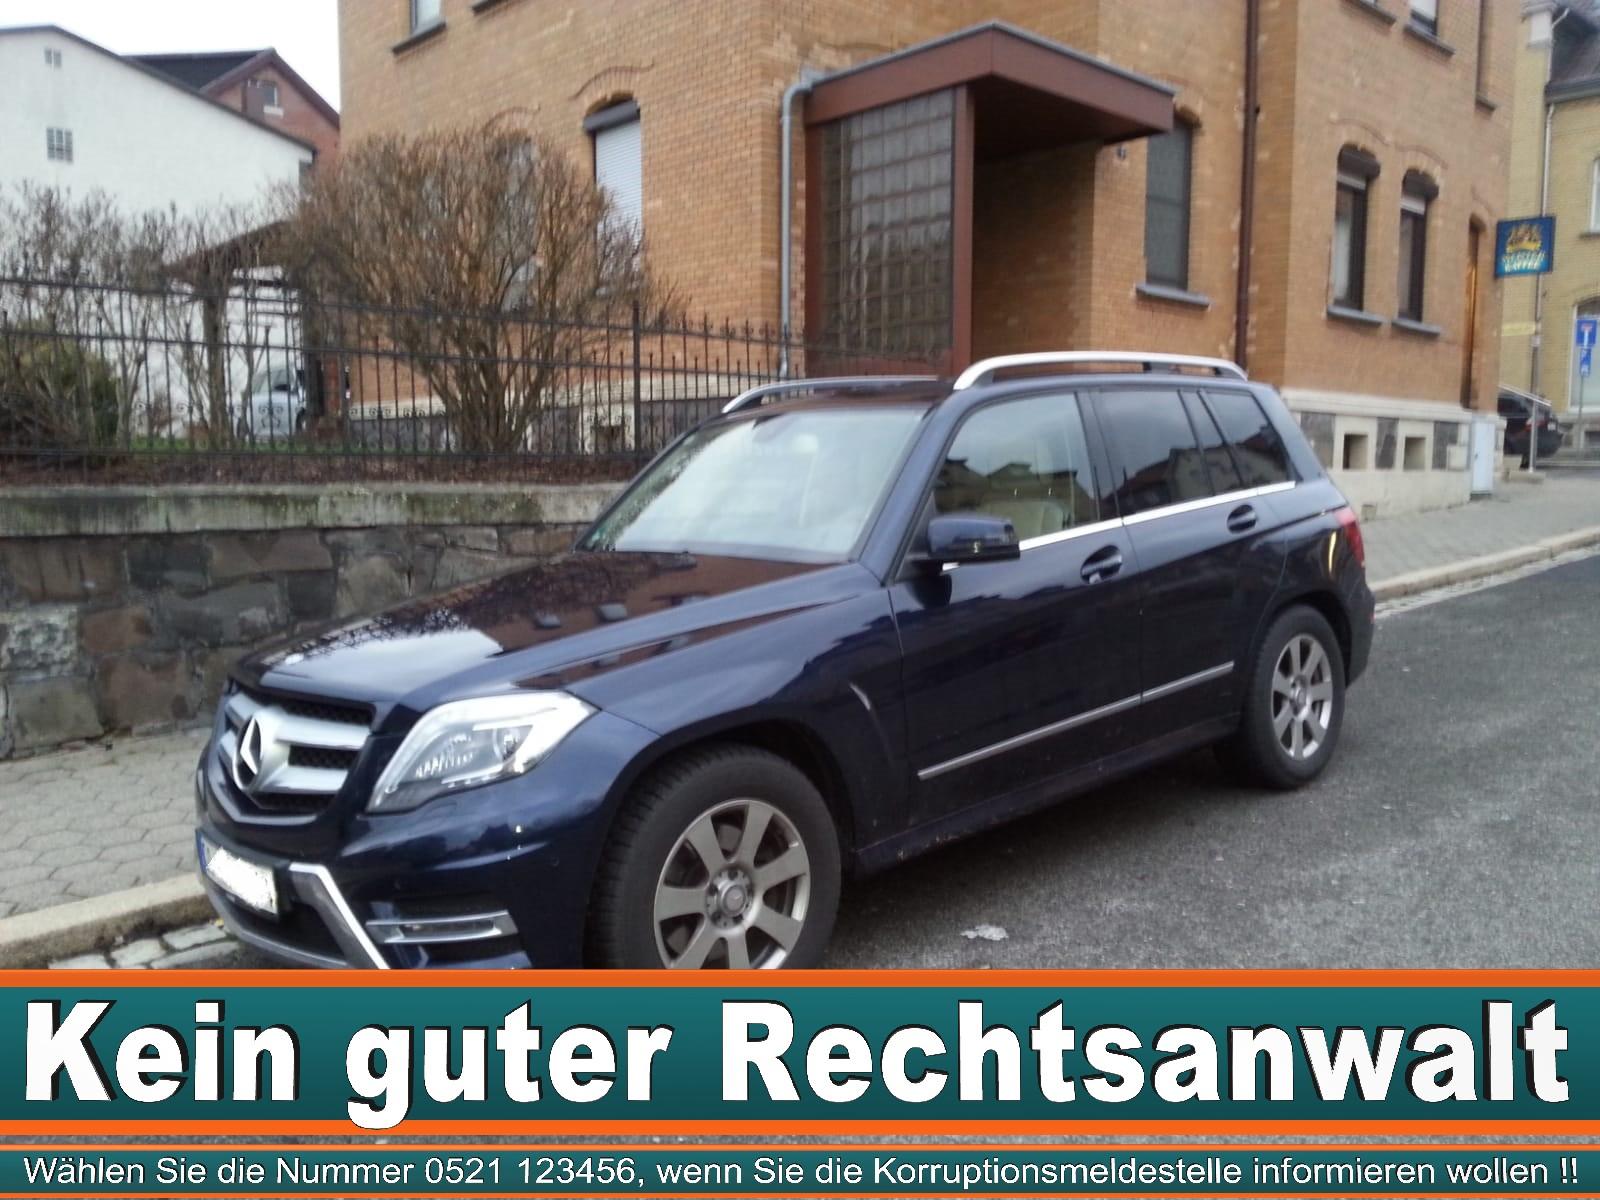 Rechtsanwaltskanzlei Stephan Claus Marienstrasse 2 Neustadt Rechtsanwalt Stephan Claus 4